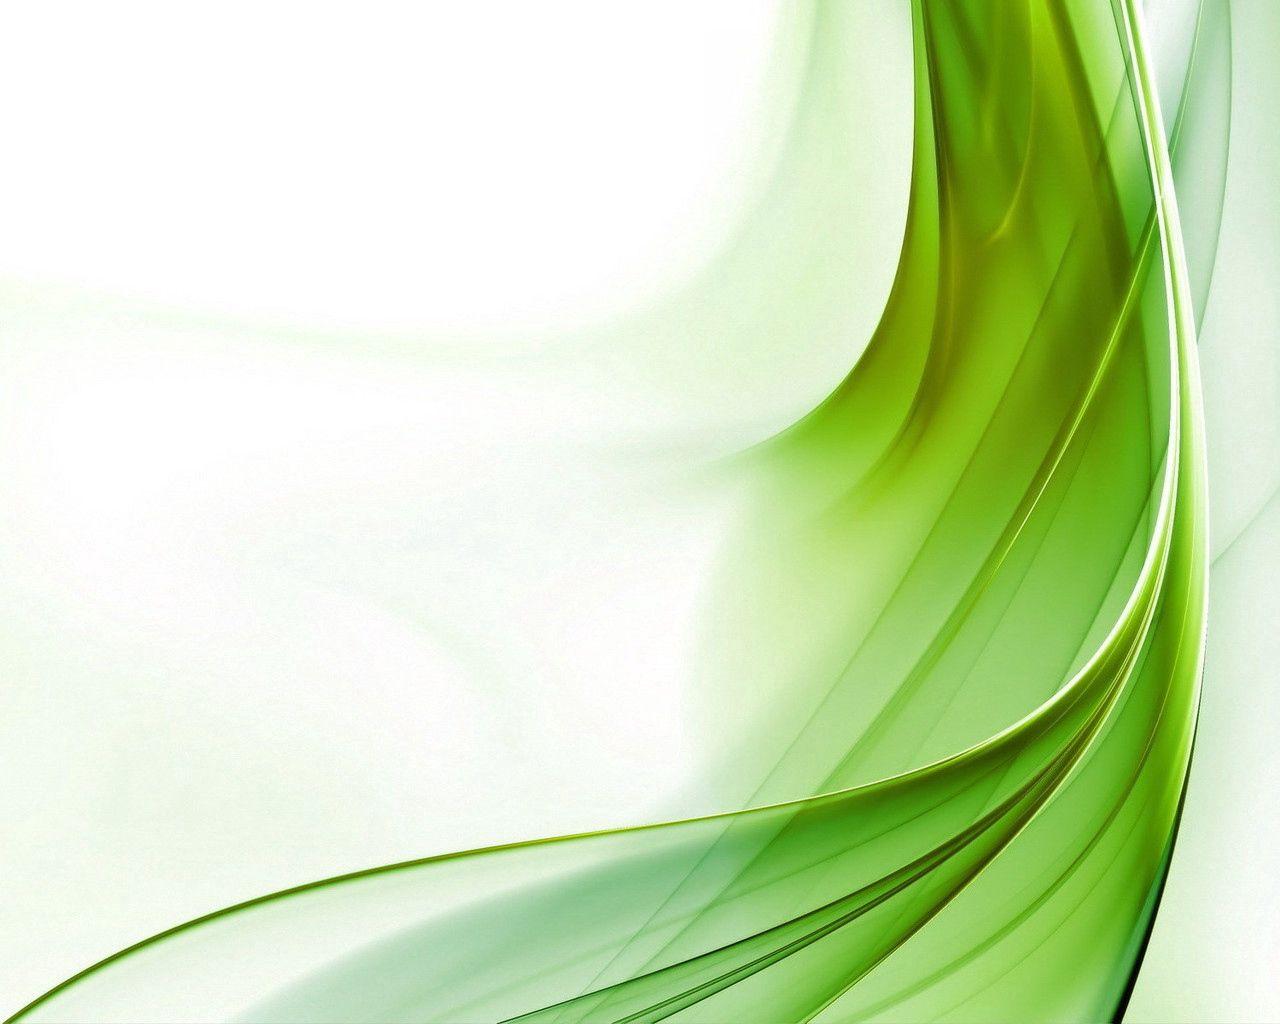 54465 скачать обои Абстракция, Зеленый, Белый, Линия - заставки и картинки бесплатно